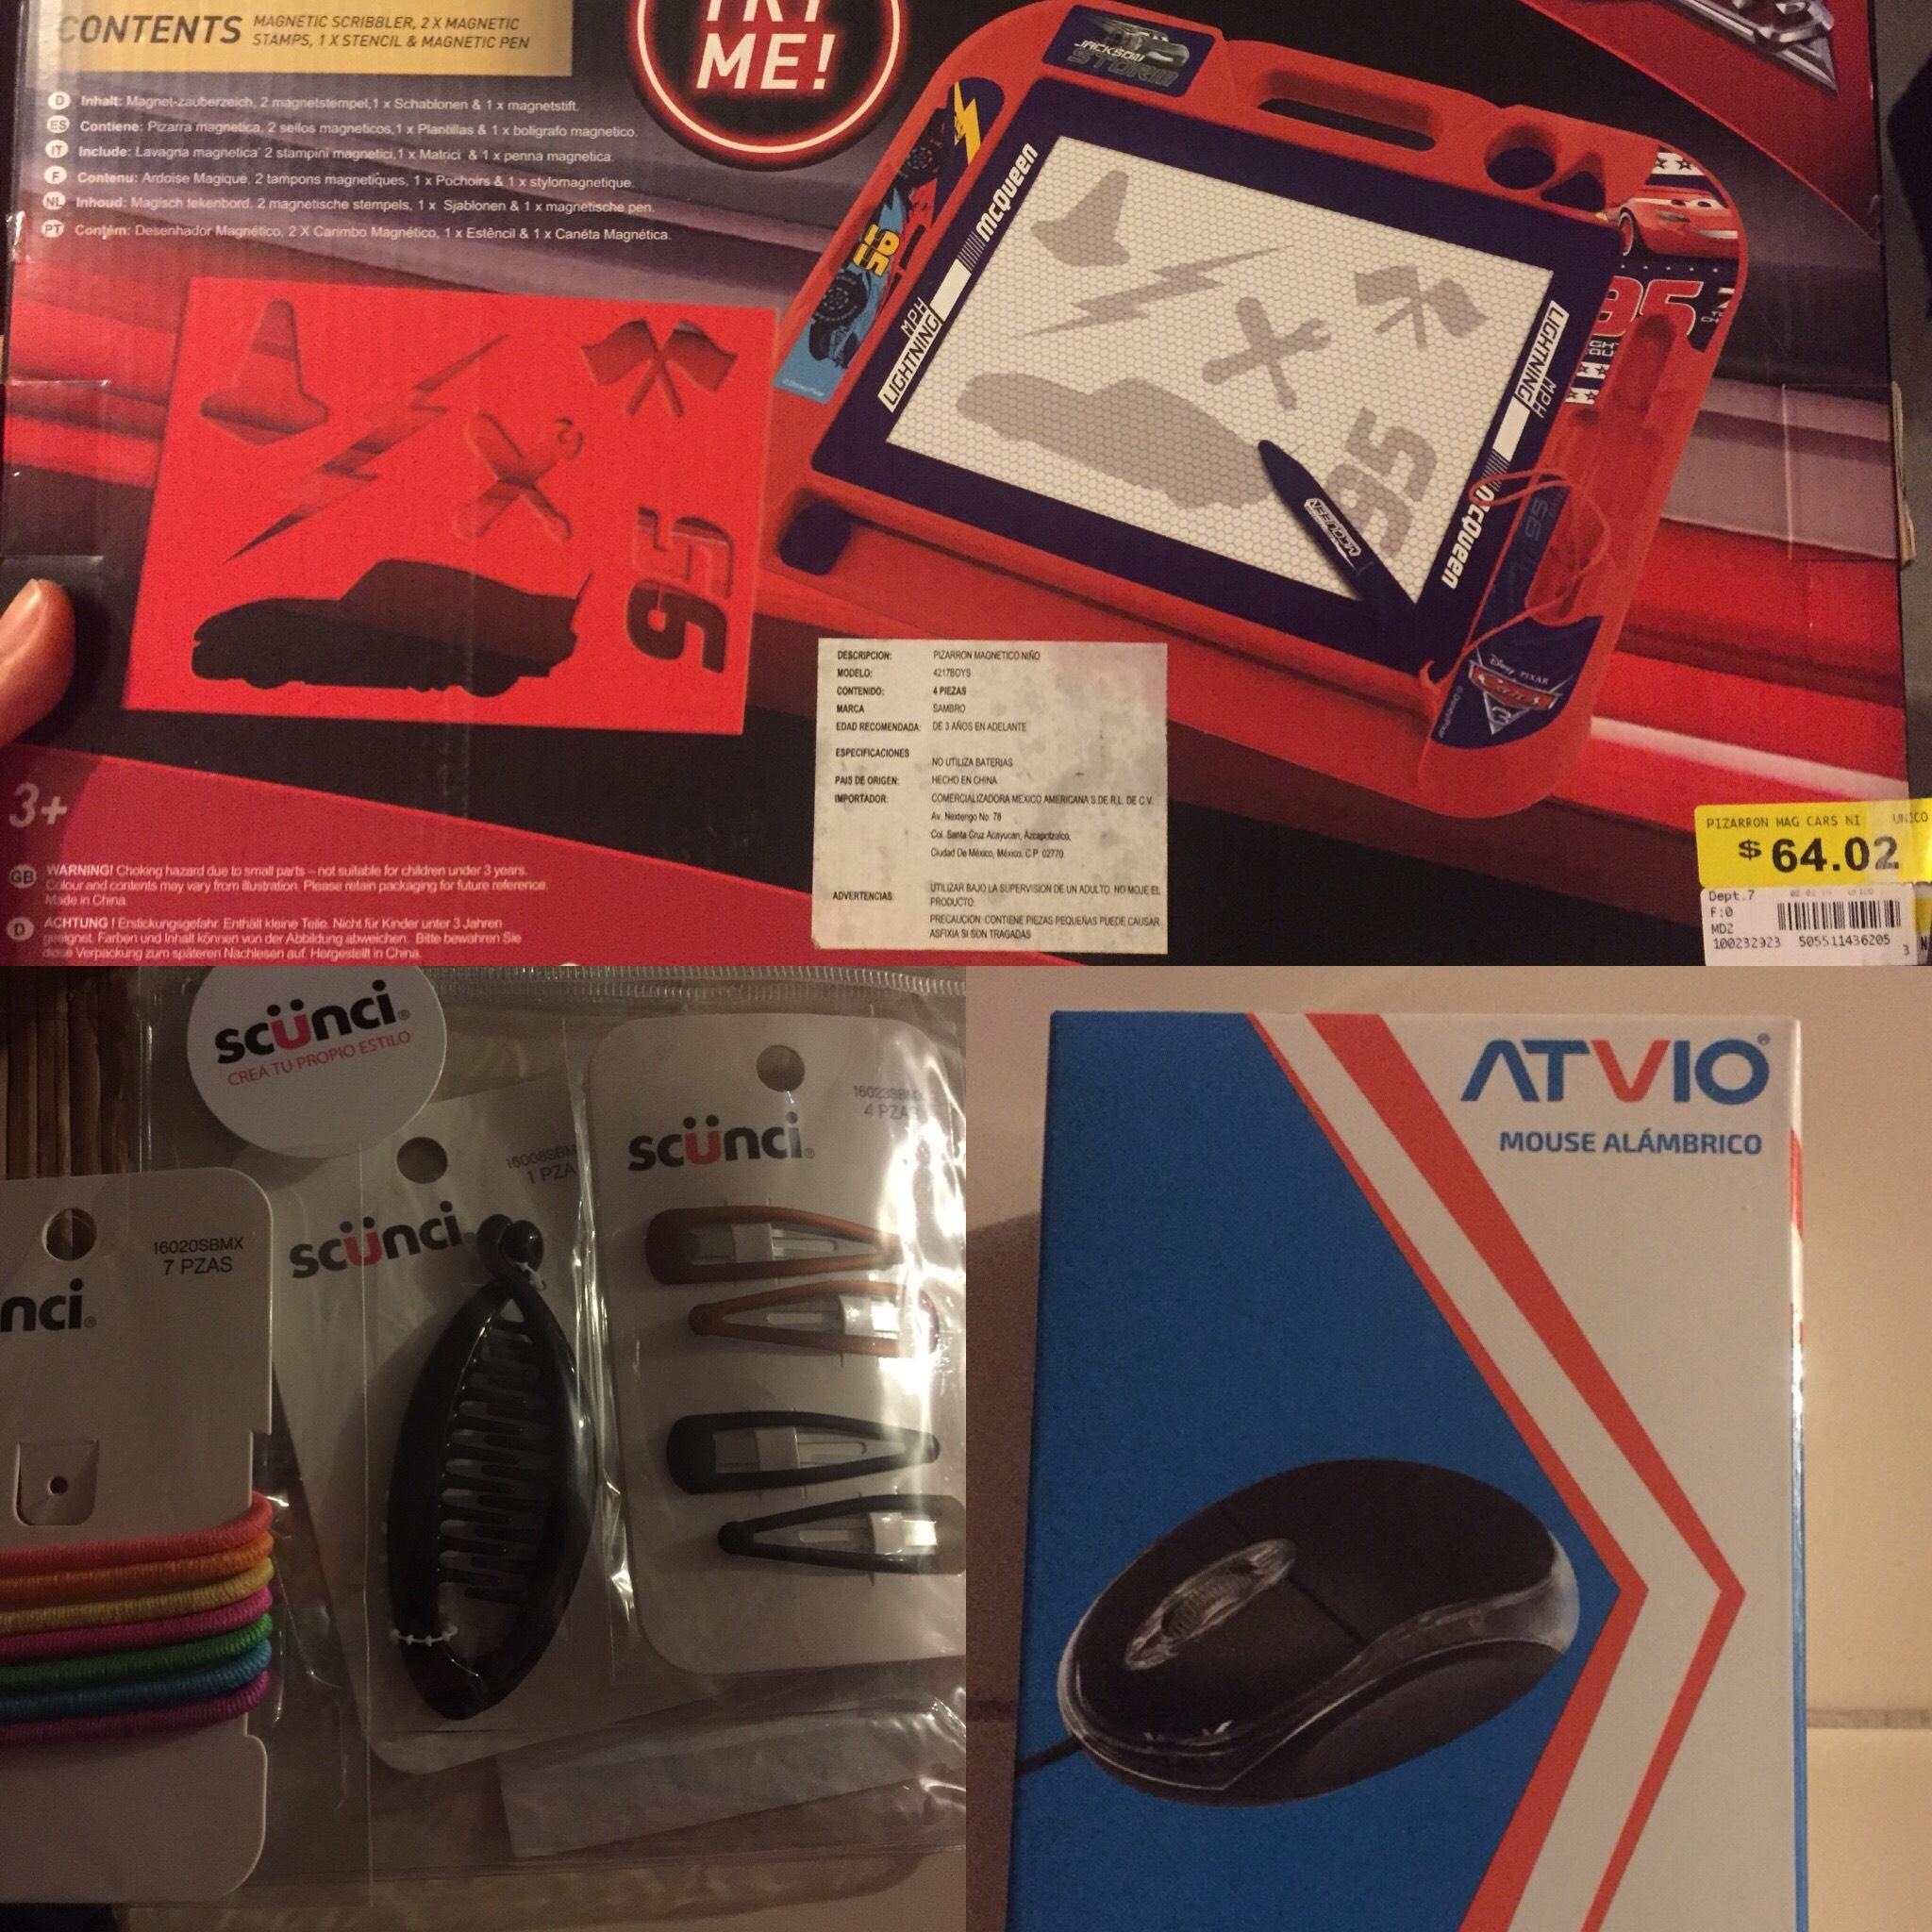 bodega Aurrerá: otro pizarrón cars, accesorios scünci y mouse atvio más barato